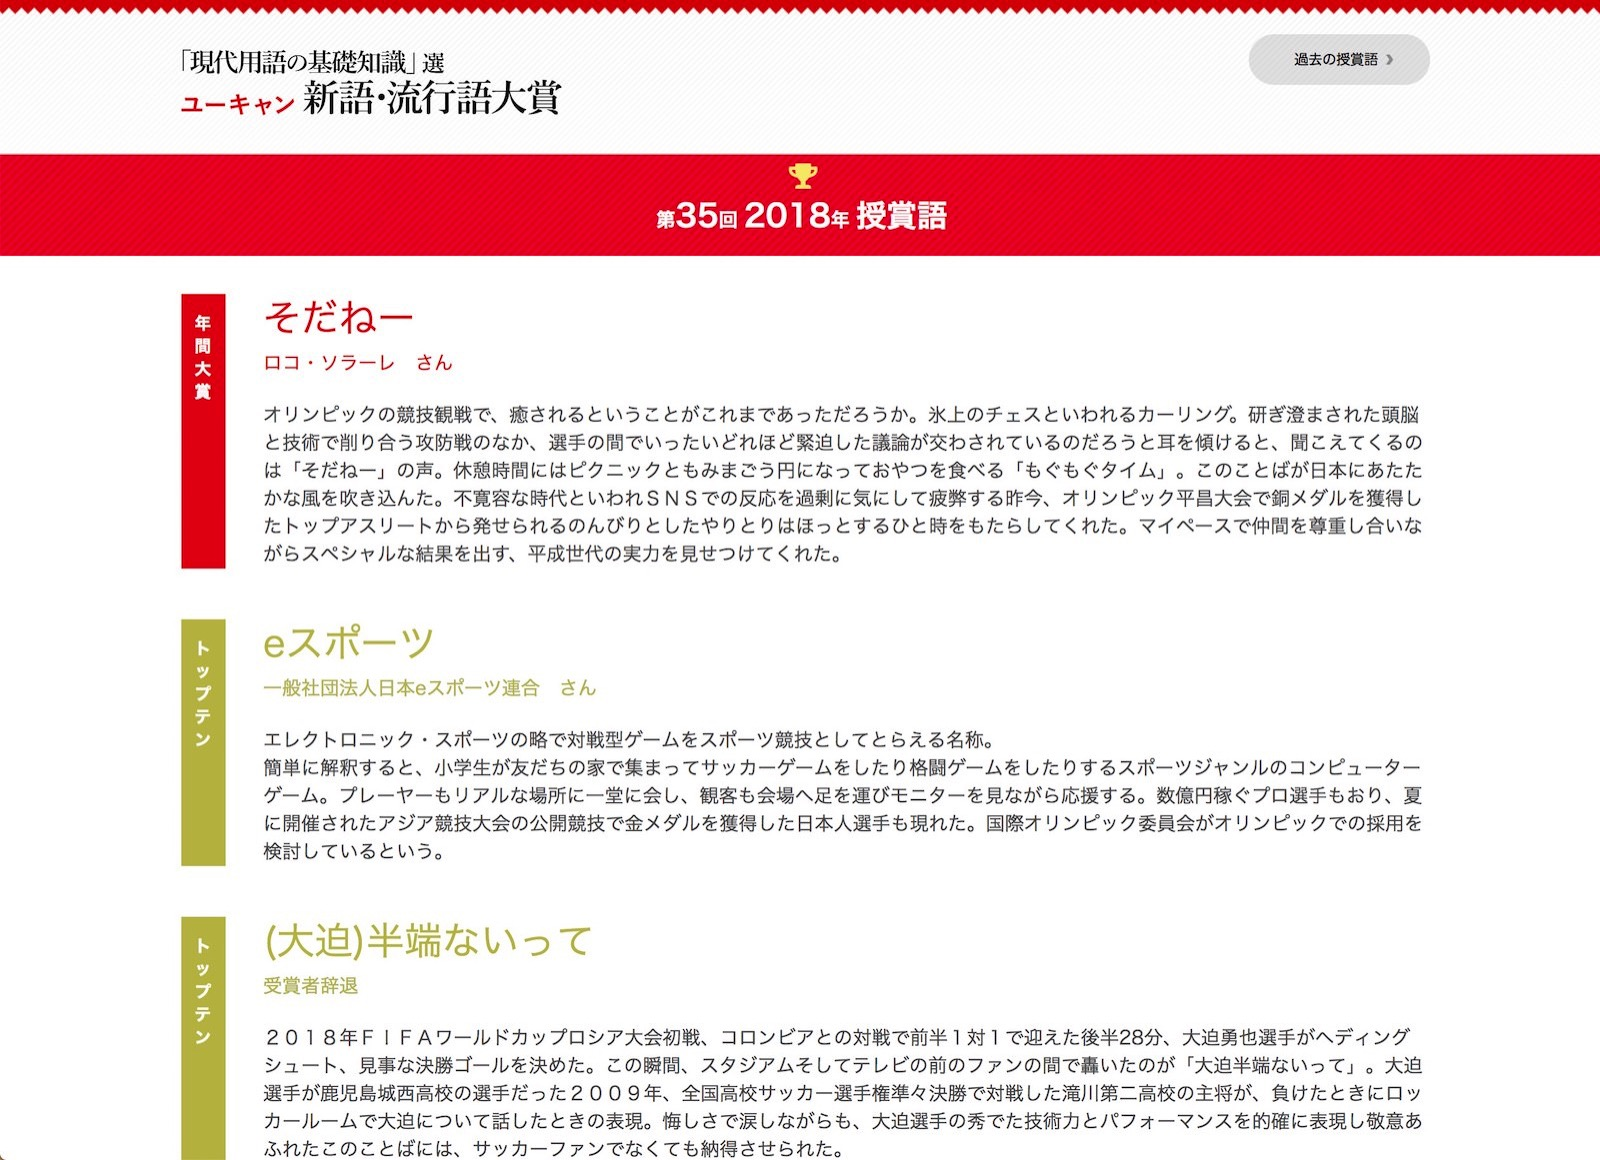 Ryukogo-ranking-2018.jpg